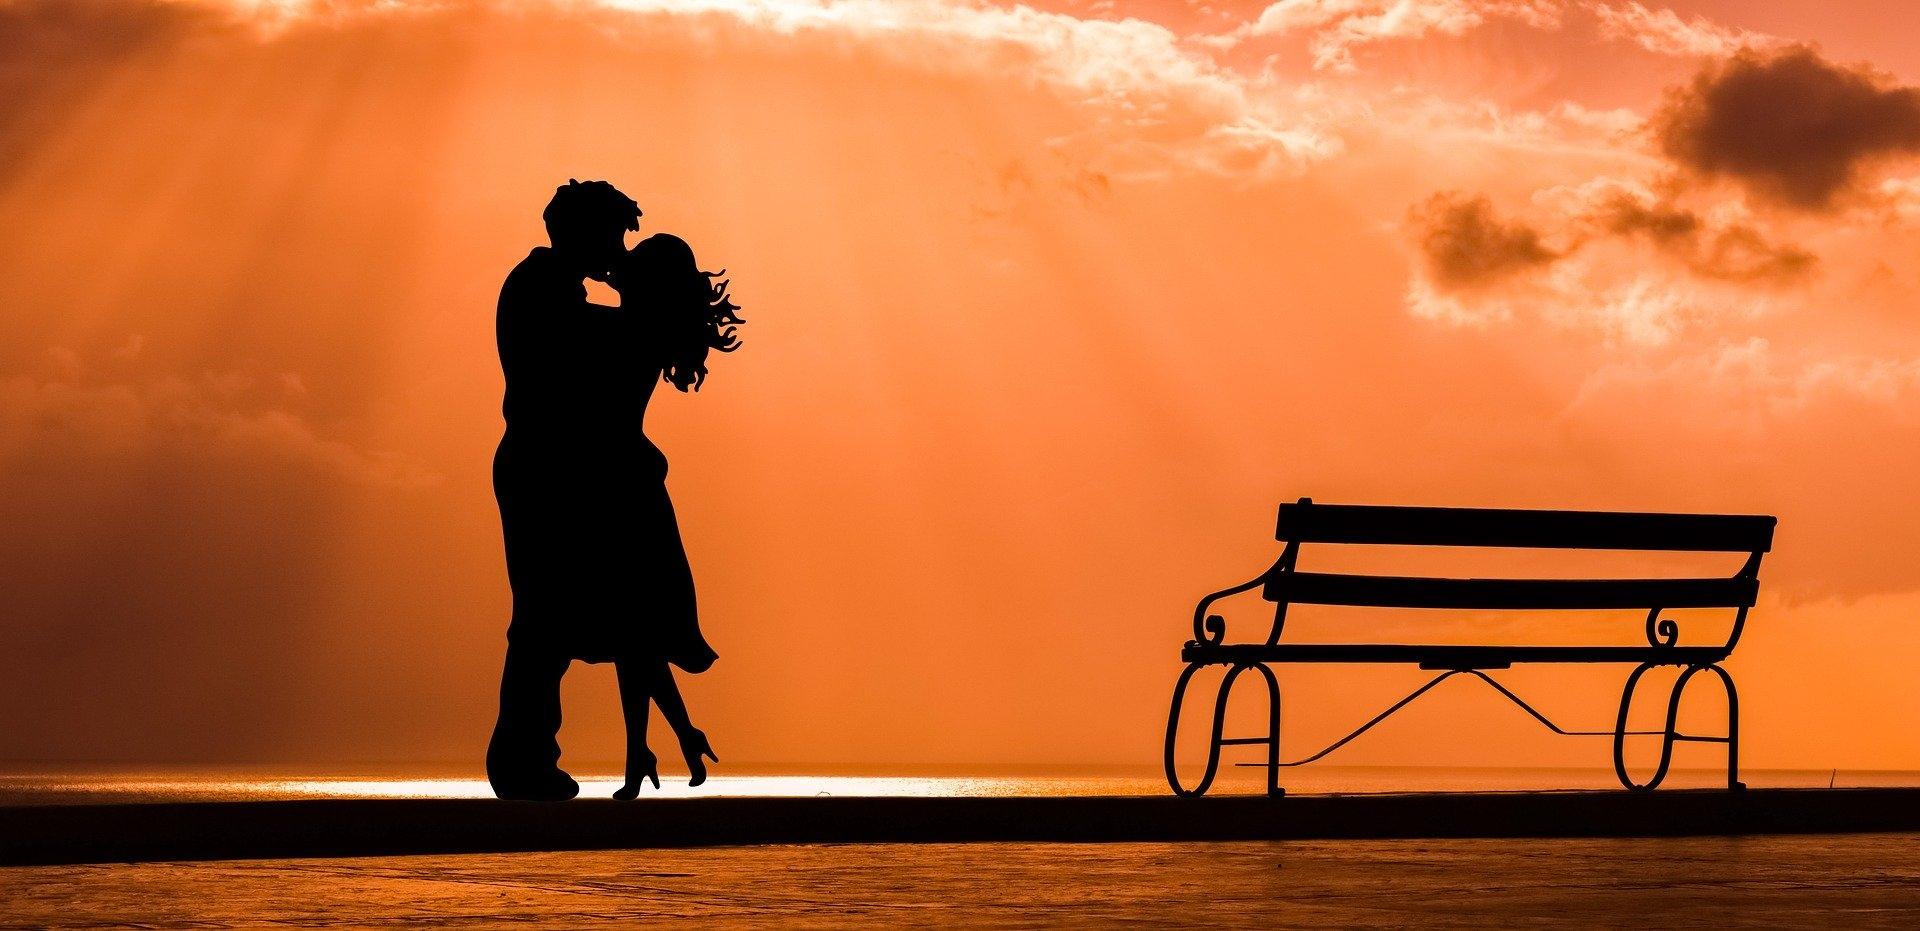 Cómo elegir bien a tus parejas para tener una relación increíble